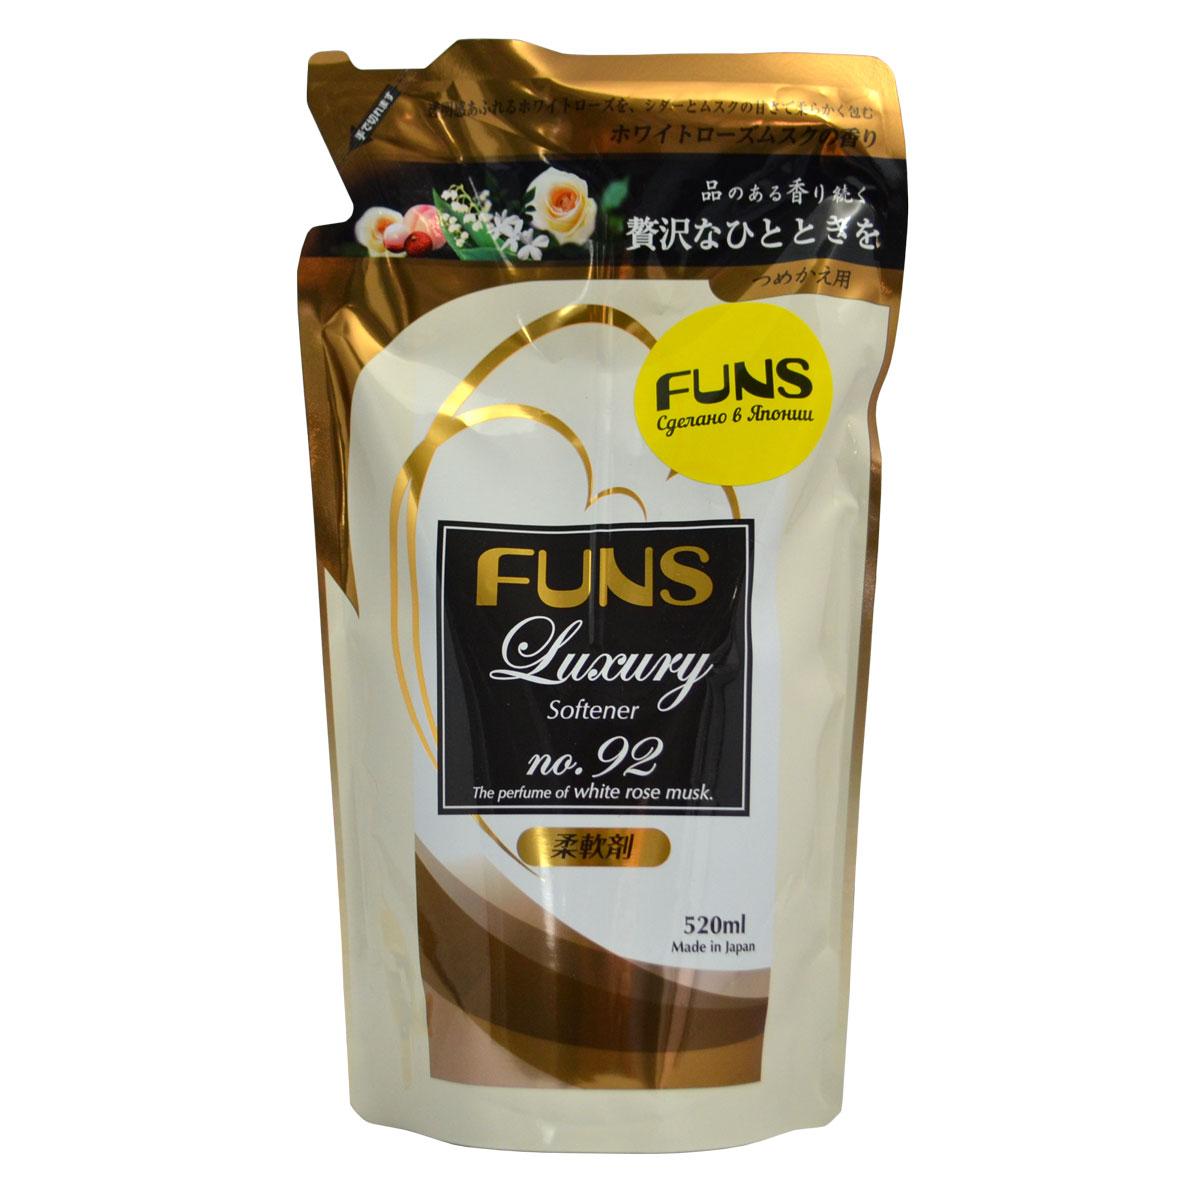 Кондиционер парфюмированный для белья Funs, с ароматом белой мускусной розы, 520 мл10056Сильноконцентрированный кондиционер для белья Funs придаст вашим вещам мягкость и сделает их приятными наощупь.Подходит для хлопчатобумажных, шерстяных, льняных и синтетических тканей, а также любых деликатных тканей (шелка и шерсти).Кондиционер предотвращает появление статического электричества, а также облегчает глажку белья.Обладает приятным ароматом, который сохраняется на долгое время, даже после сушки белья.Благодаря противомикробному и дезодорирующему действию кондиционер устраняет бактерии, способствующие появлению неприятного запаха.Кондиционер безопасен при контакте с кожей человека, не сушит и не раздражает кожу рук во время стирки.Подходит как для ручной, так и машинной стирки.Норма использования:Вес белья Объем воды Объем кондиционера6.0 кг 65 л 40 мл4.5 кг 60 л 30 мл3.0 кг 45 л 20 мл1.5 кг 30 л 10 млРучная стиркавес белья 0.5 кг 3.3 млСпособ применения: применяйте кондиционер только после стирки белья при полоскании чистой водой. На 1 кг одежды используйте 7 мл средства. При ручной стирке рекомендуется полоскать в течение 3 минут.